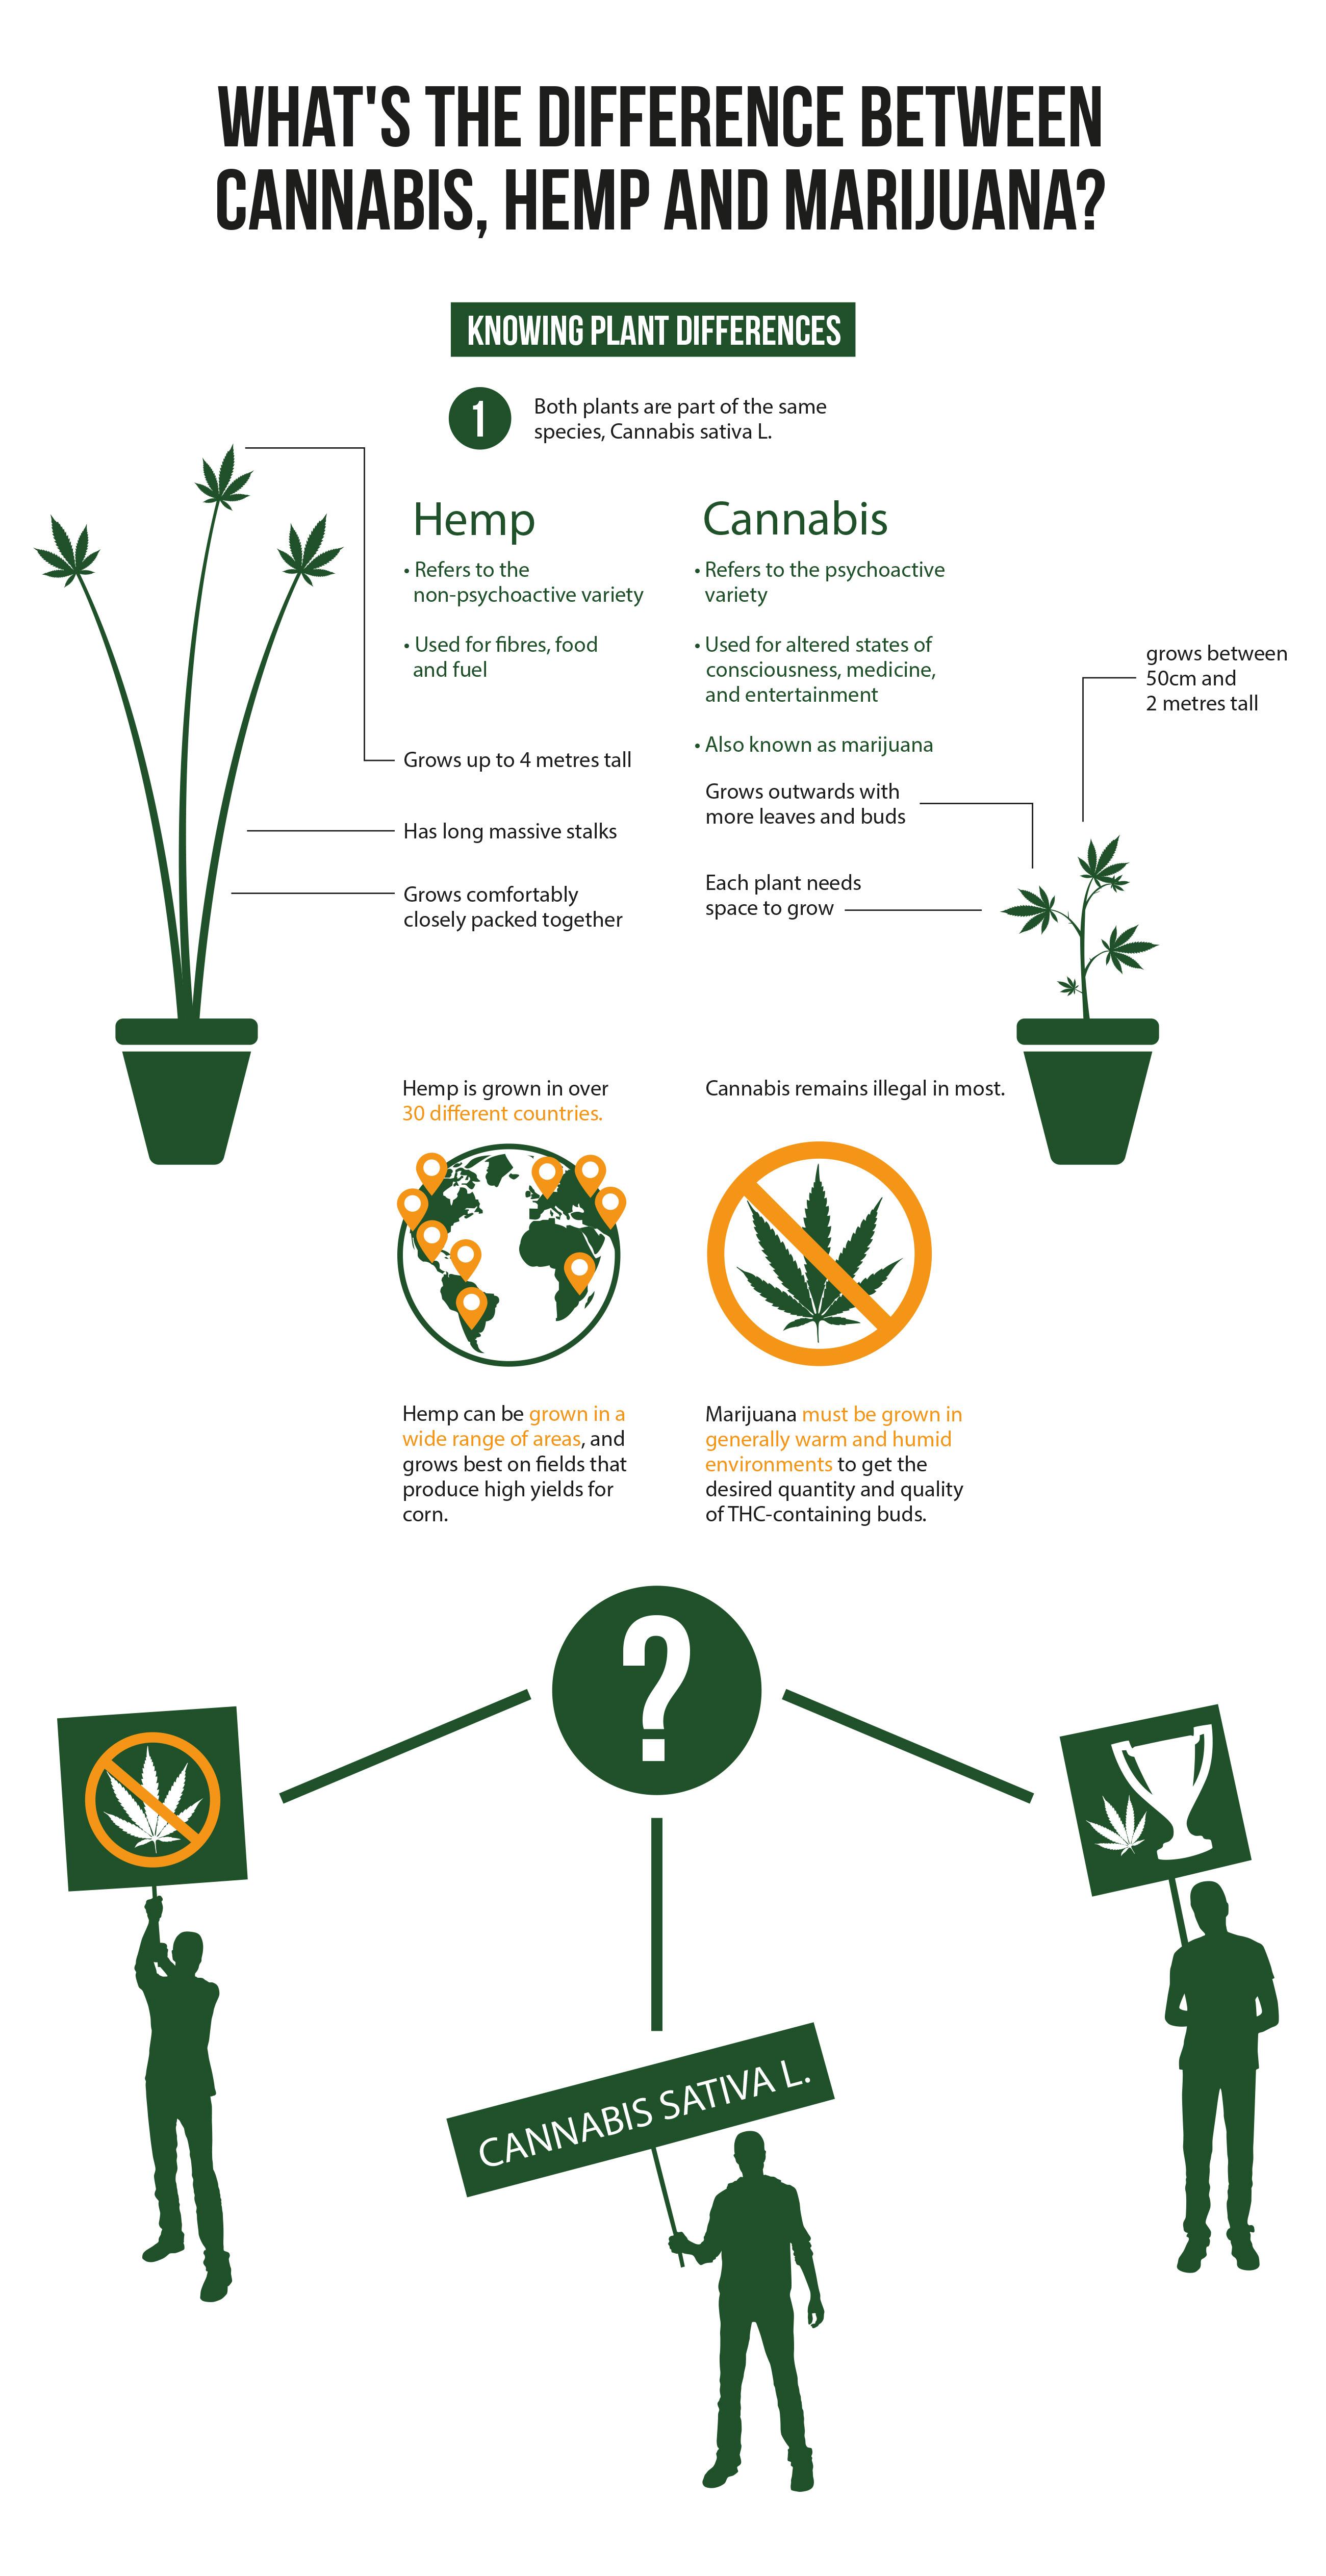 Een infographic over de verschillen tussen cannabis, hennep en marihuana. Helemaal links staat een eenvoudige groene tekening van een hennepplant in een pot. In een lijst met opsommingstekens en met aanwijzende lijnen worden de kenmerken van de hennepplant geanalyseerd. Aan de rechterkant staat een kleine groene tekening van een cannabisplant in een pot. Ook deze tekening bevat een lijst met informatie waarin de plant wordt toegelicht. In het midden van de infographic staat een afbeelding van een wereldbol met oranje kaartmarkeringen die aangeven in welke landen hennep wordt geteeld. Rechts naast de wereldbol staat een symbool van een cannabisblad met een oranje cirkel met een schuine streep erdoor. Erboven staat 'Cannabis remains illegal in most'. Onderaan de afbeelding staat een wit vraagteken in een groene cirkel. Vanaf het vraagteken lopen drie lijnen naar linksonder, middenonder en rechtsonder. Drie silhouetten van personen houden verschillende borden vast: een anti-cannabisposter, een bord met 'cannabis sativa L.' en een bord met een cannabisblad naast een trofee.